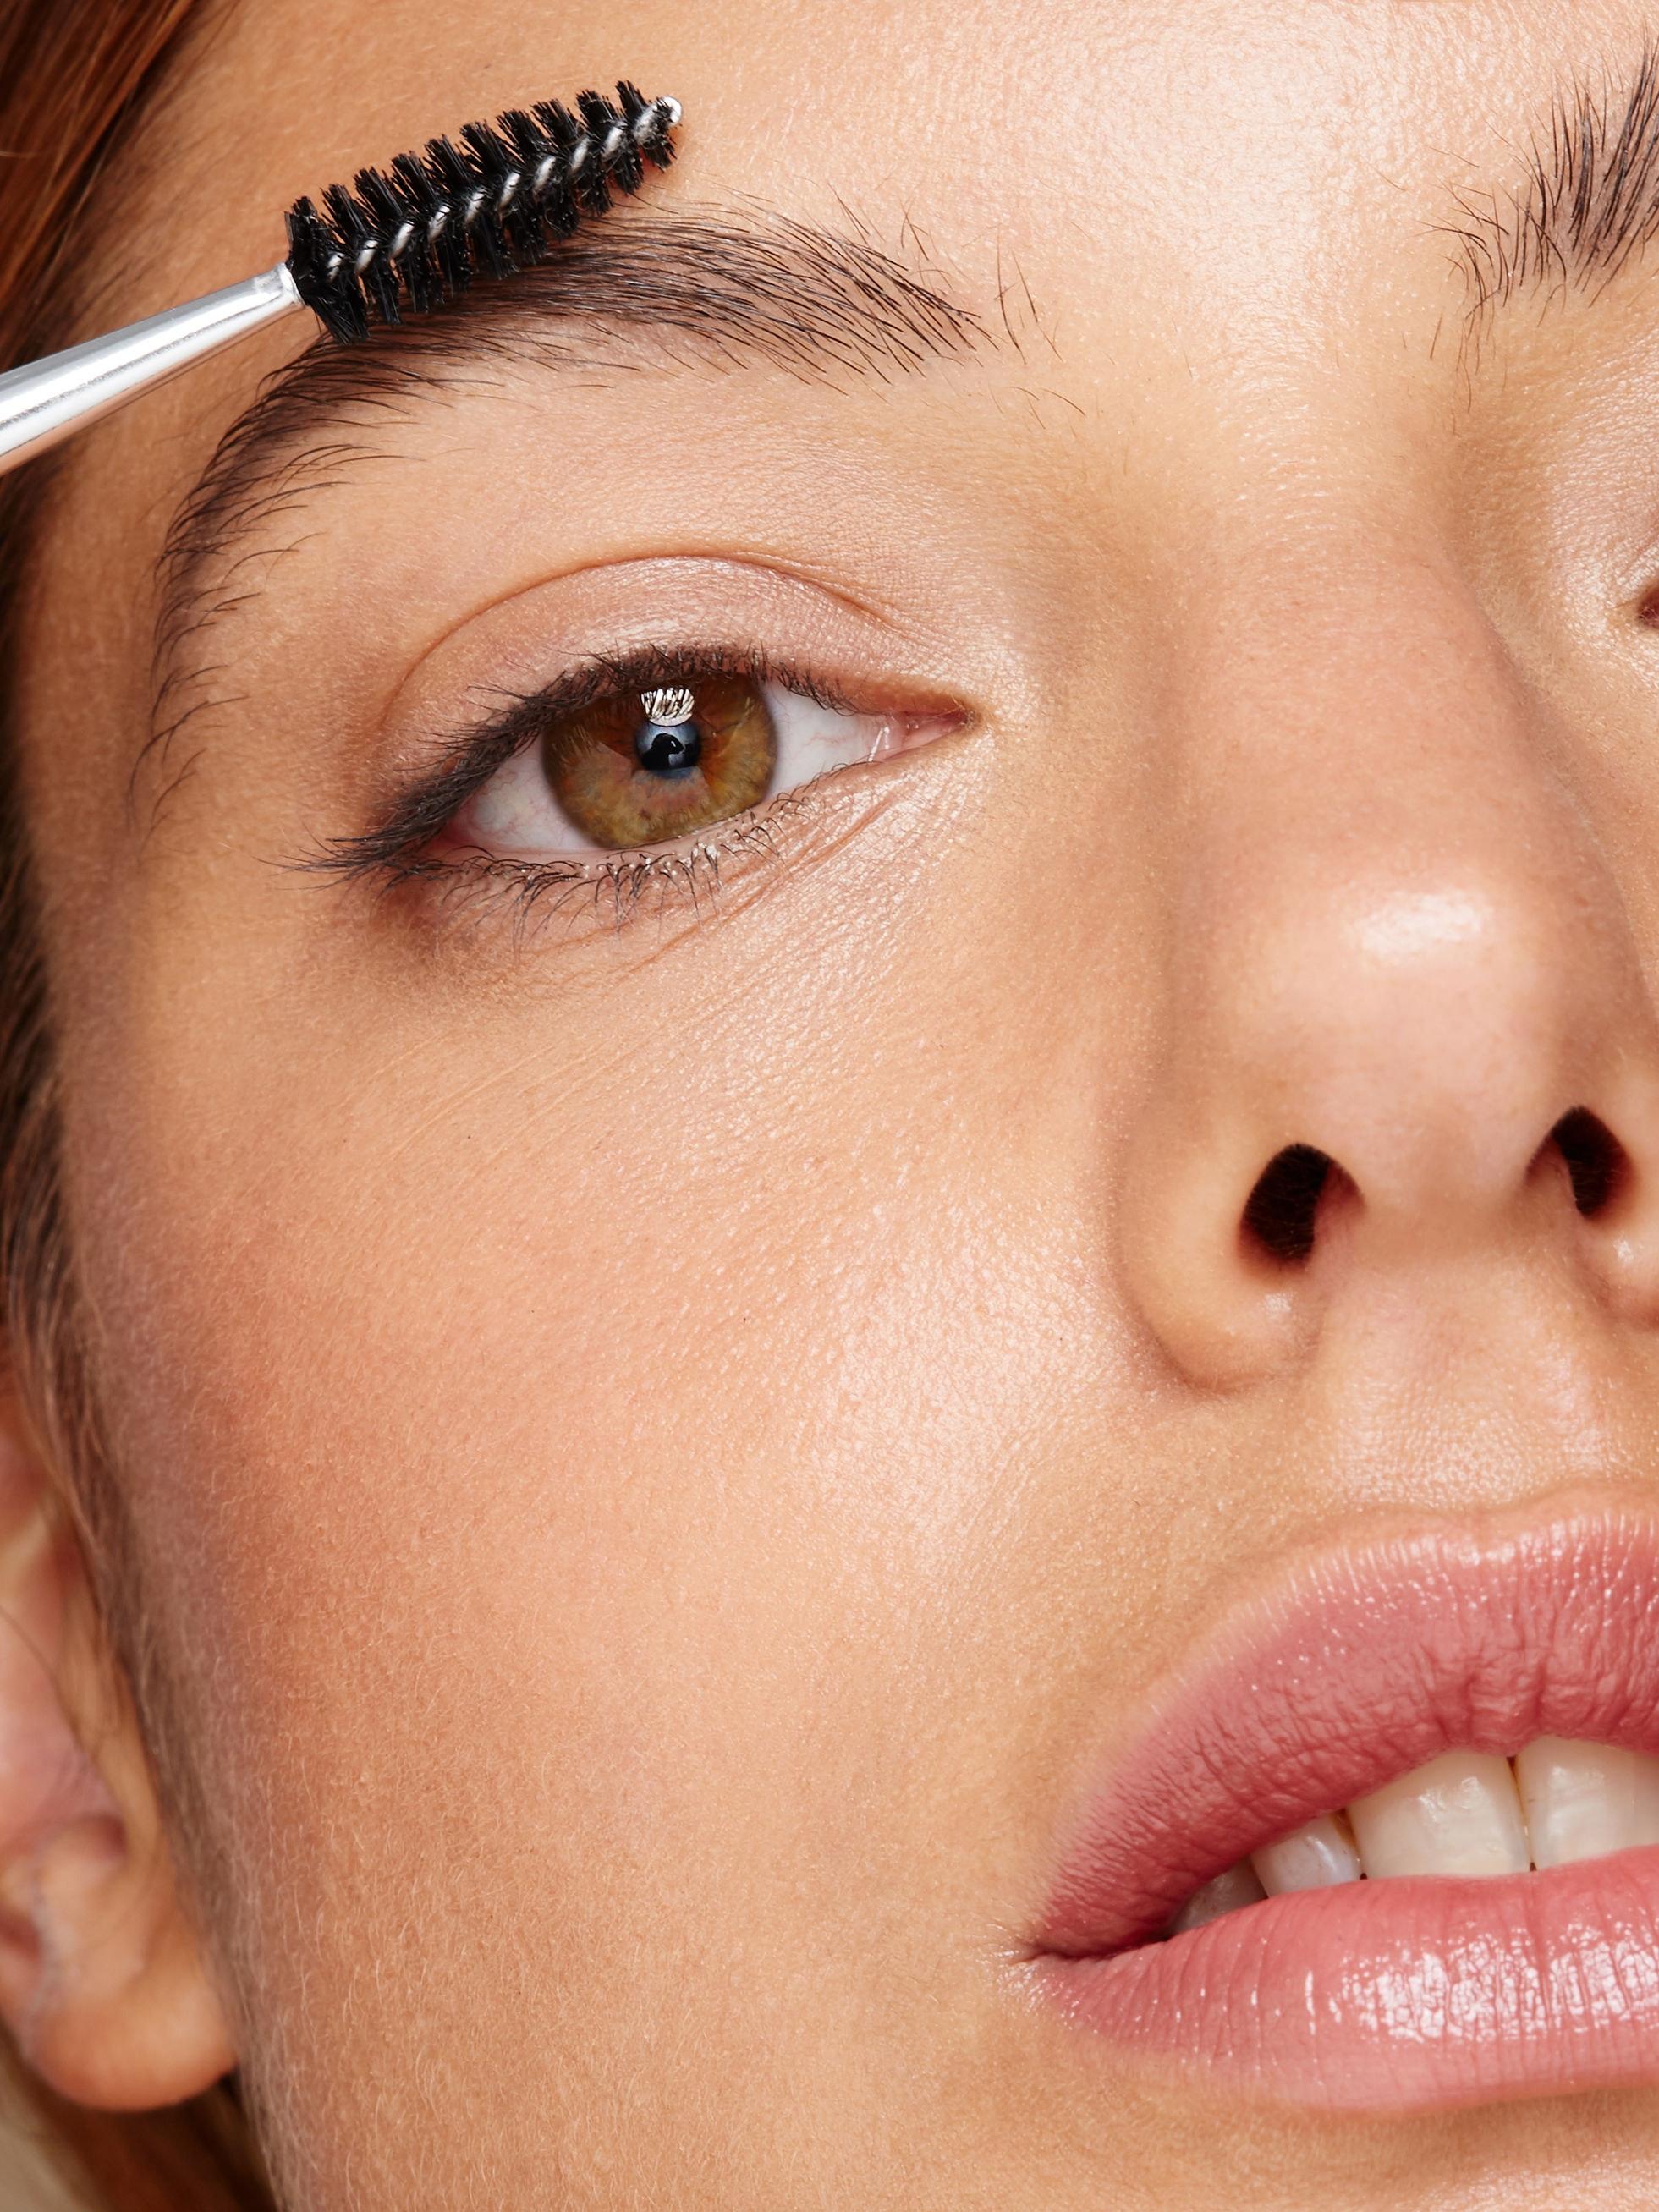 Woman grooming her eyesbrows